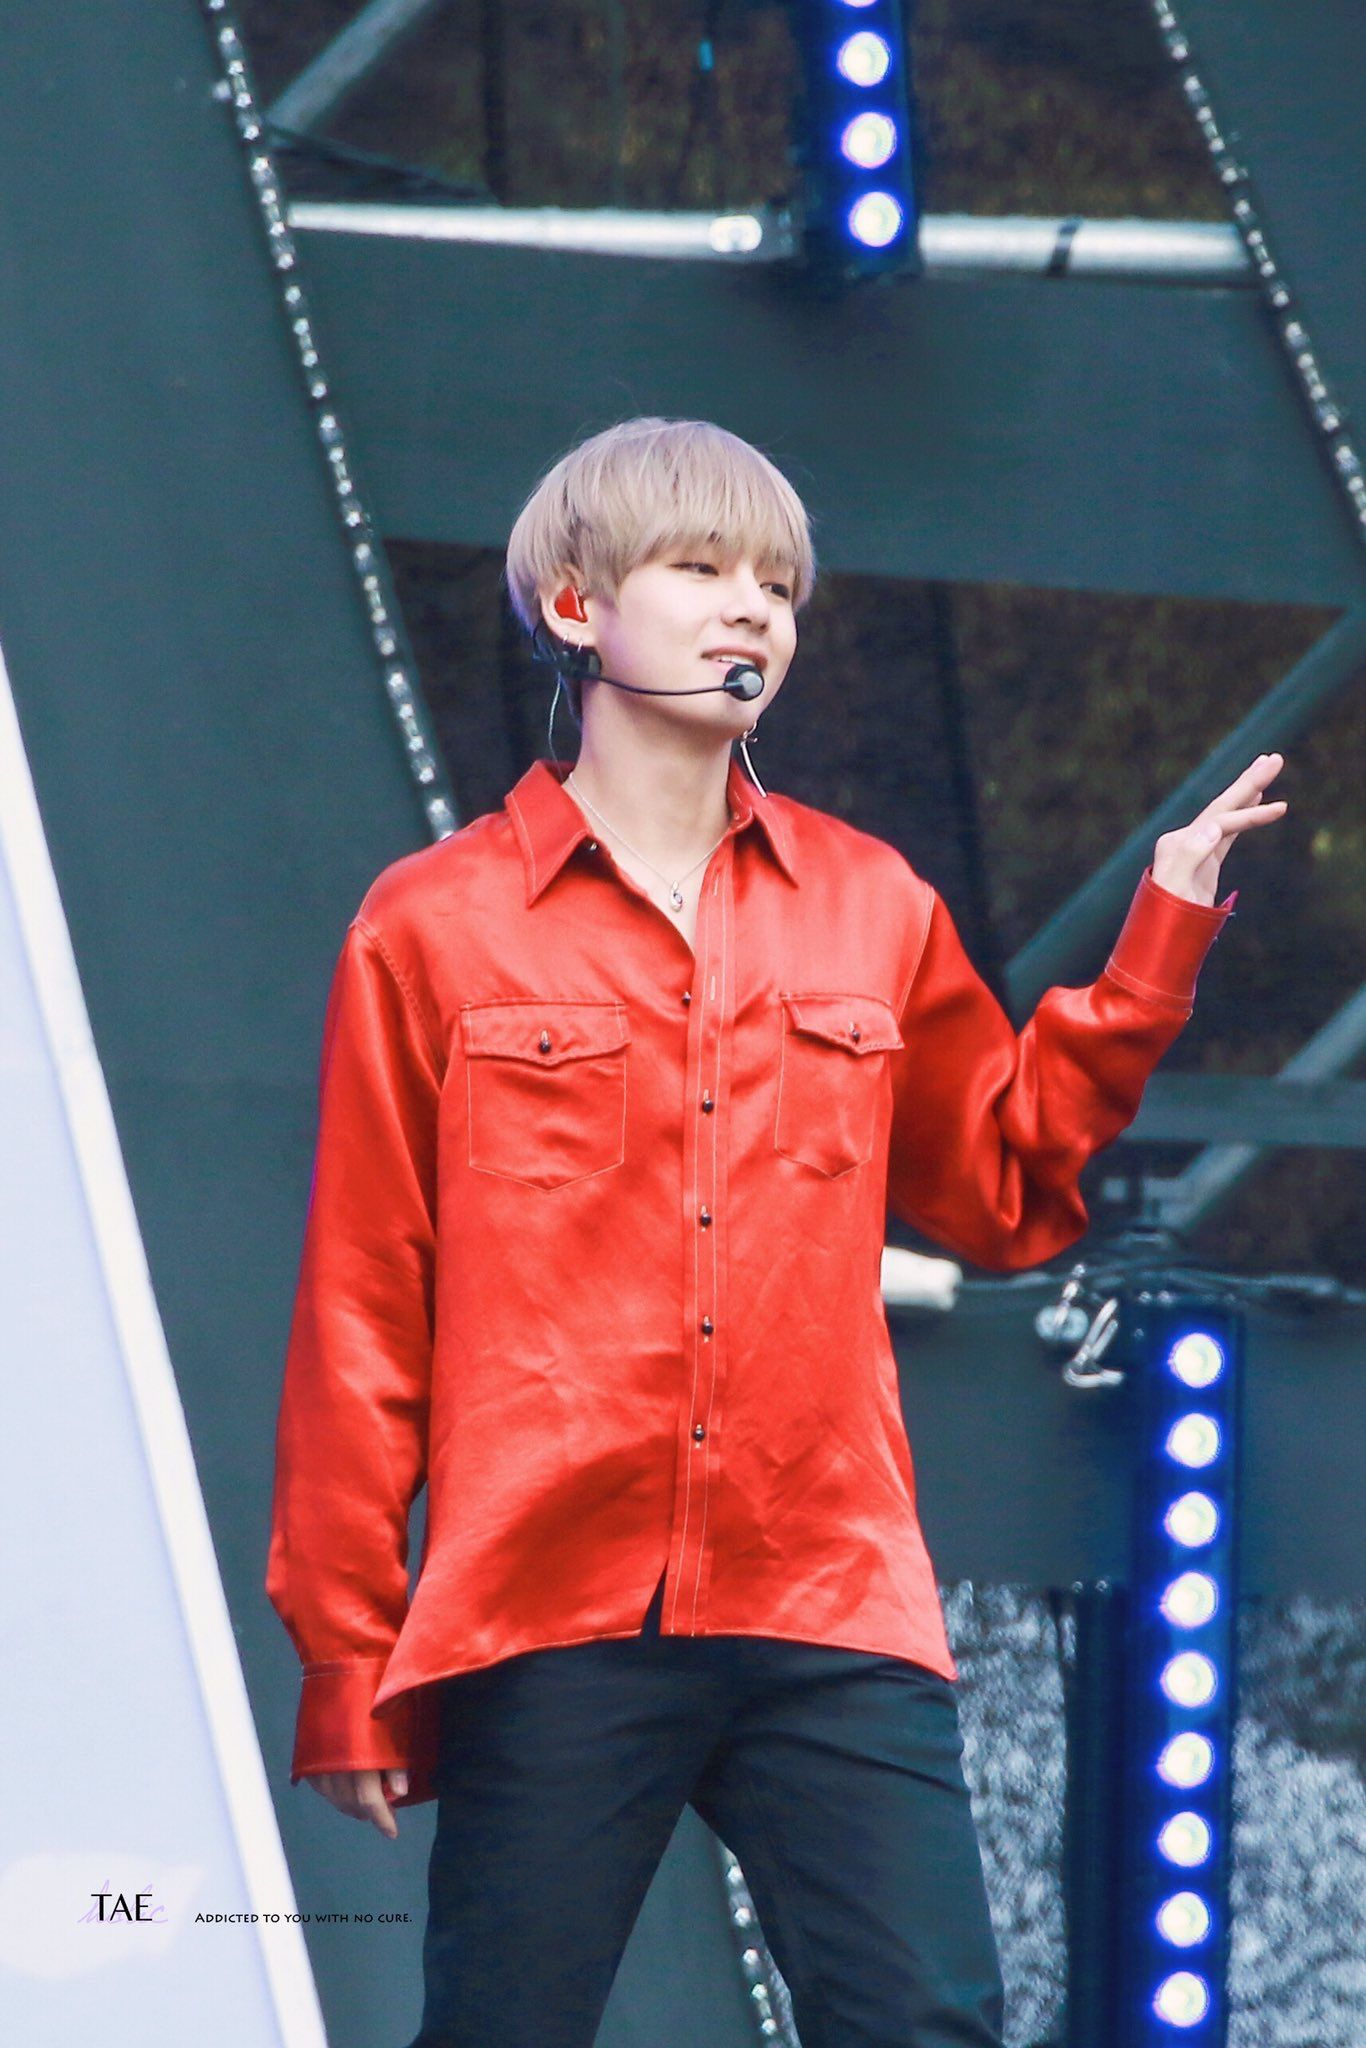 bts dna v red shirt